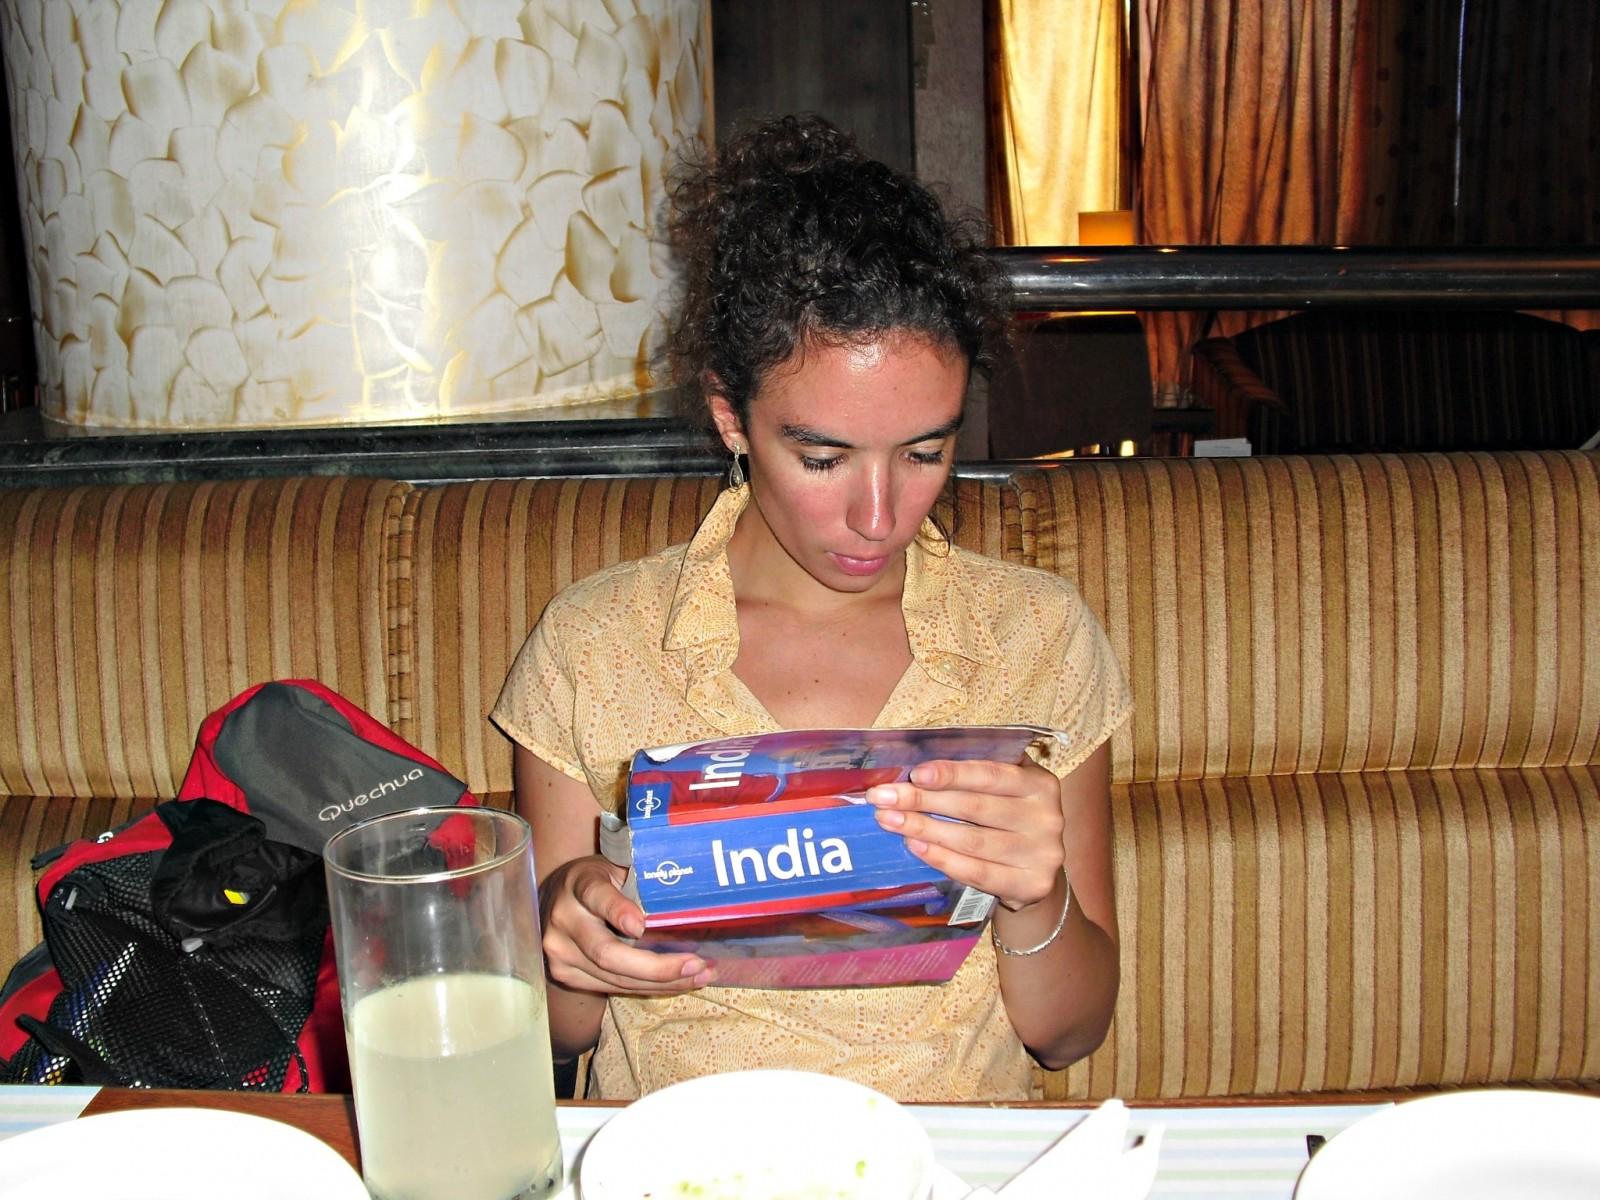 India: From Coast To Coast